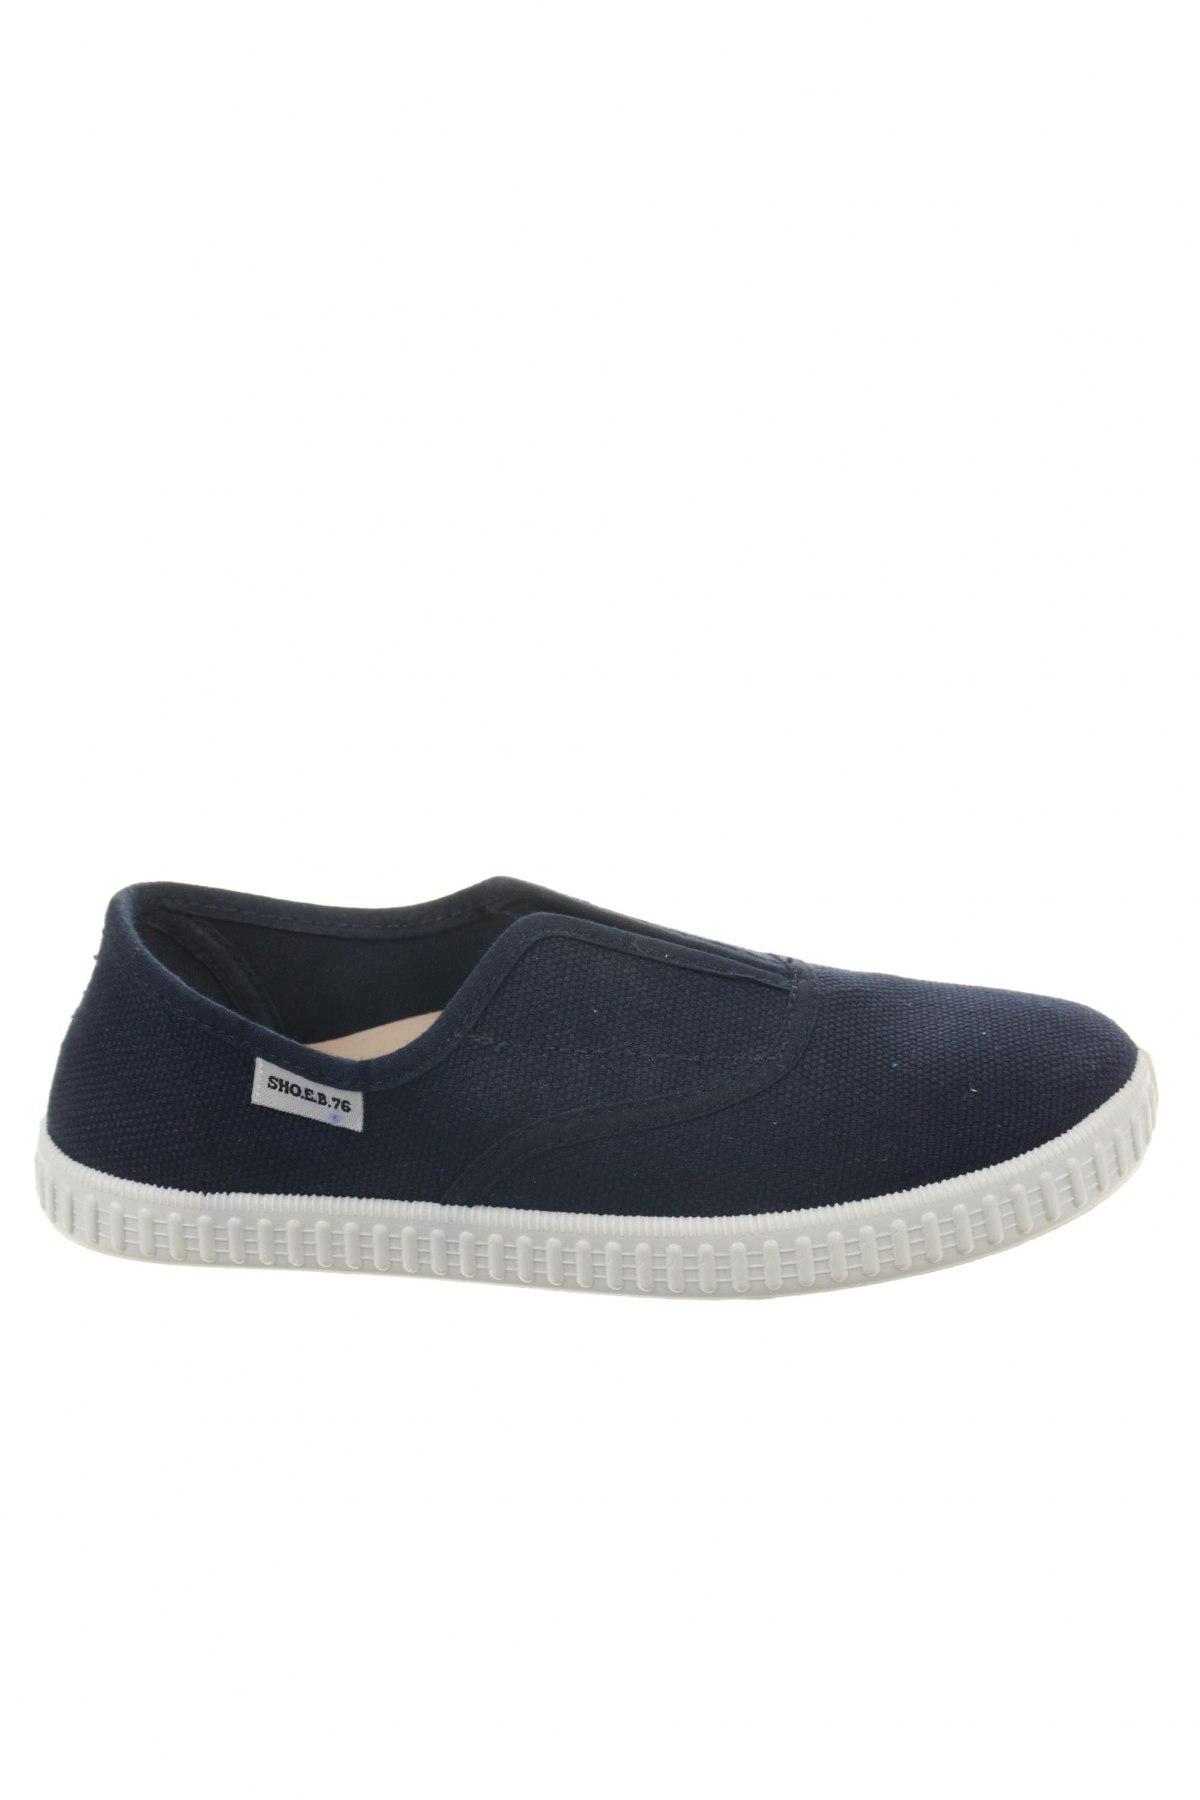 Παιδικά παπούτσια Sho.E.B. 76, Μέγεθος 32, Χρώμα Μπλέ, Κλωστοϋφαντουργικά προϊόντα, Τιμή 12,88€